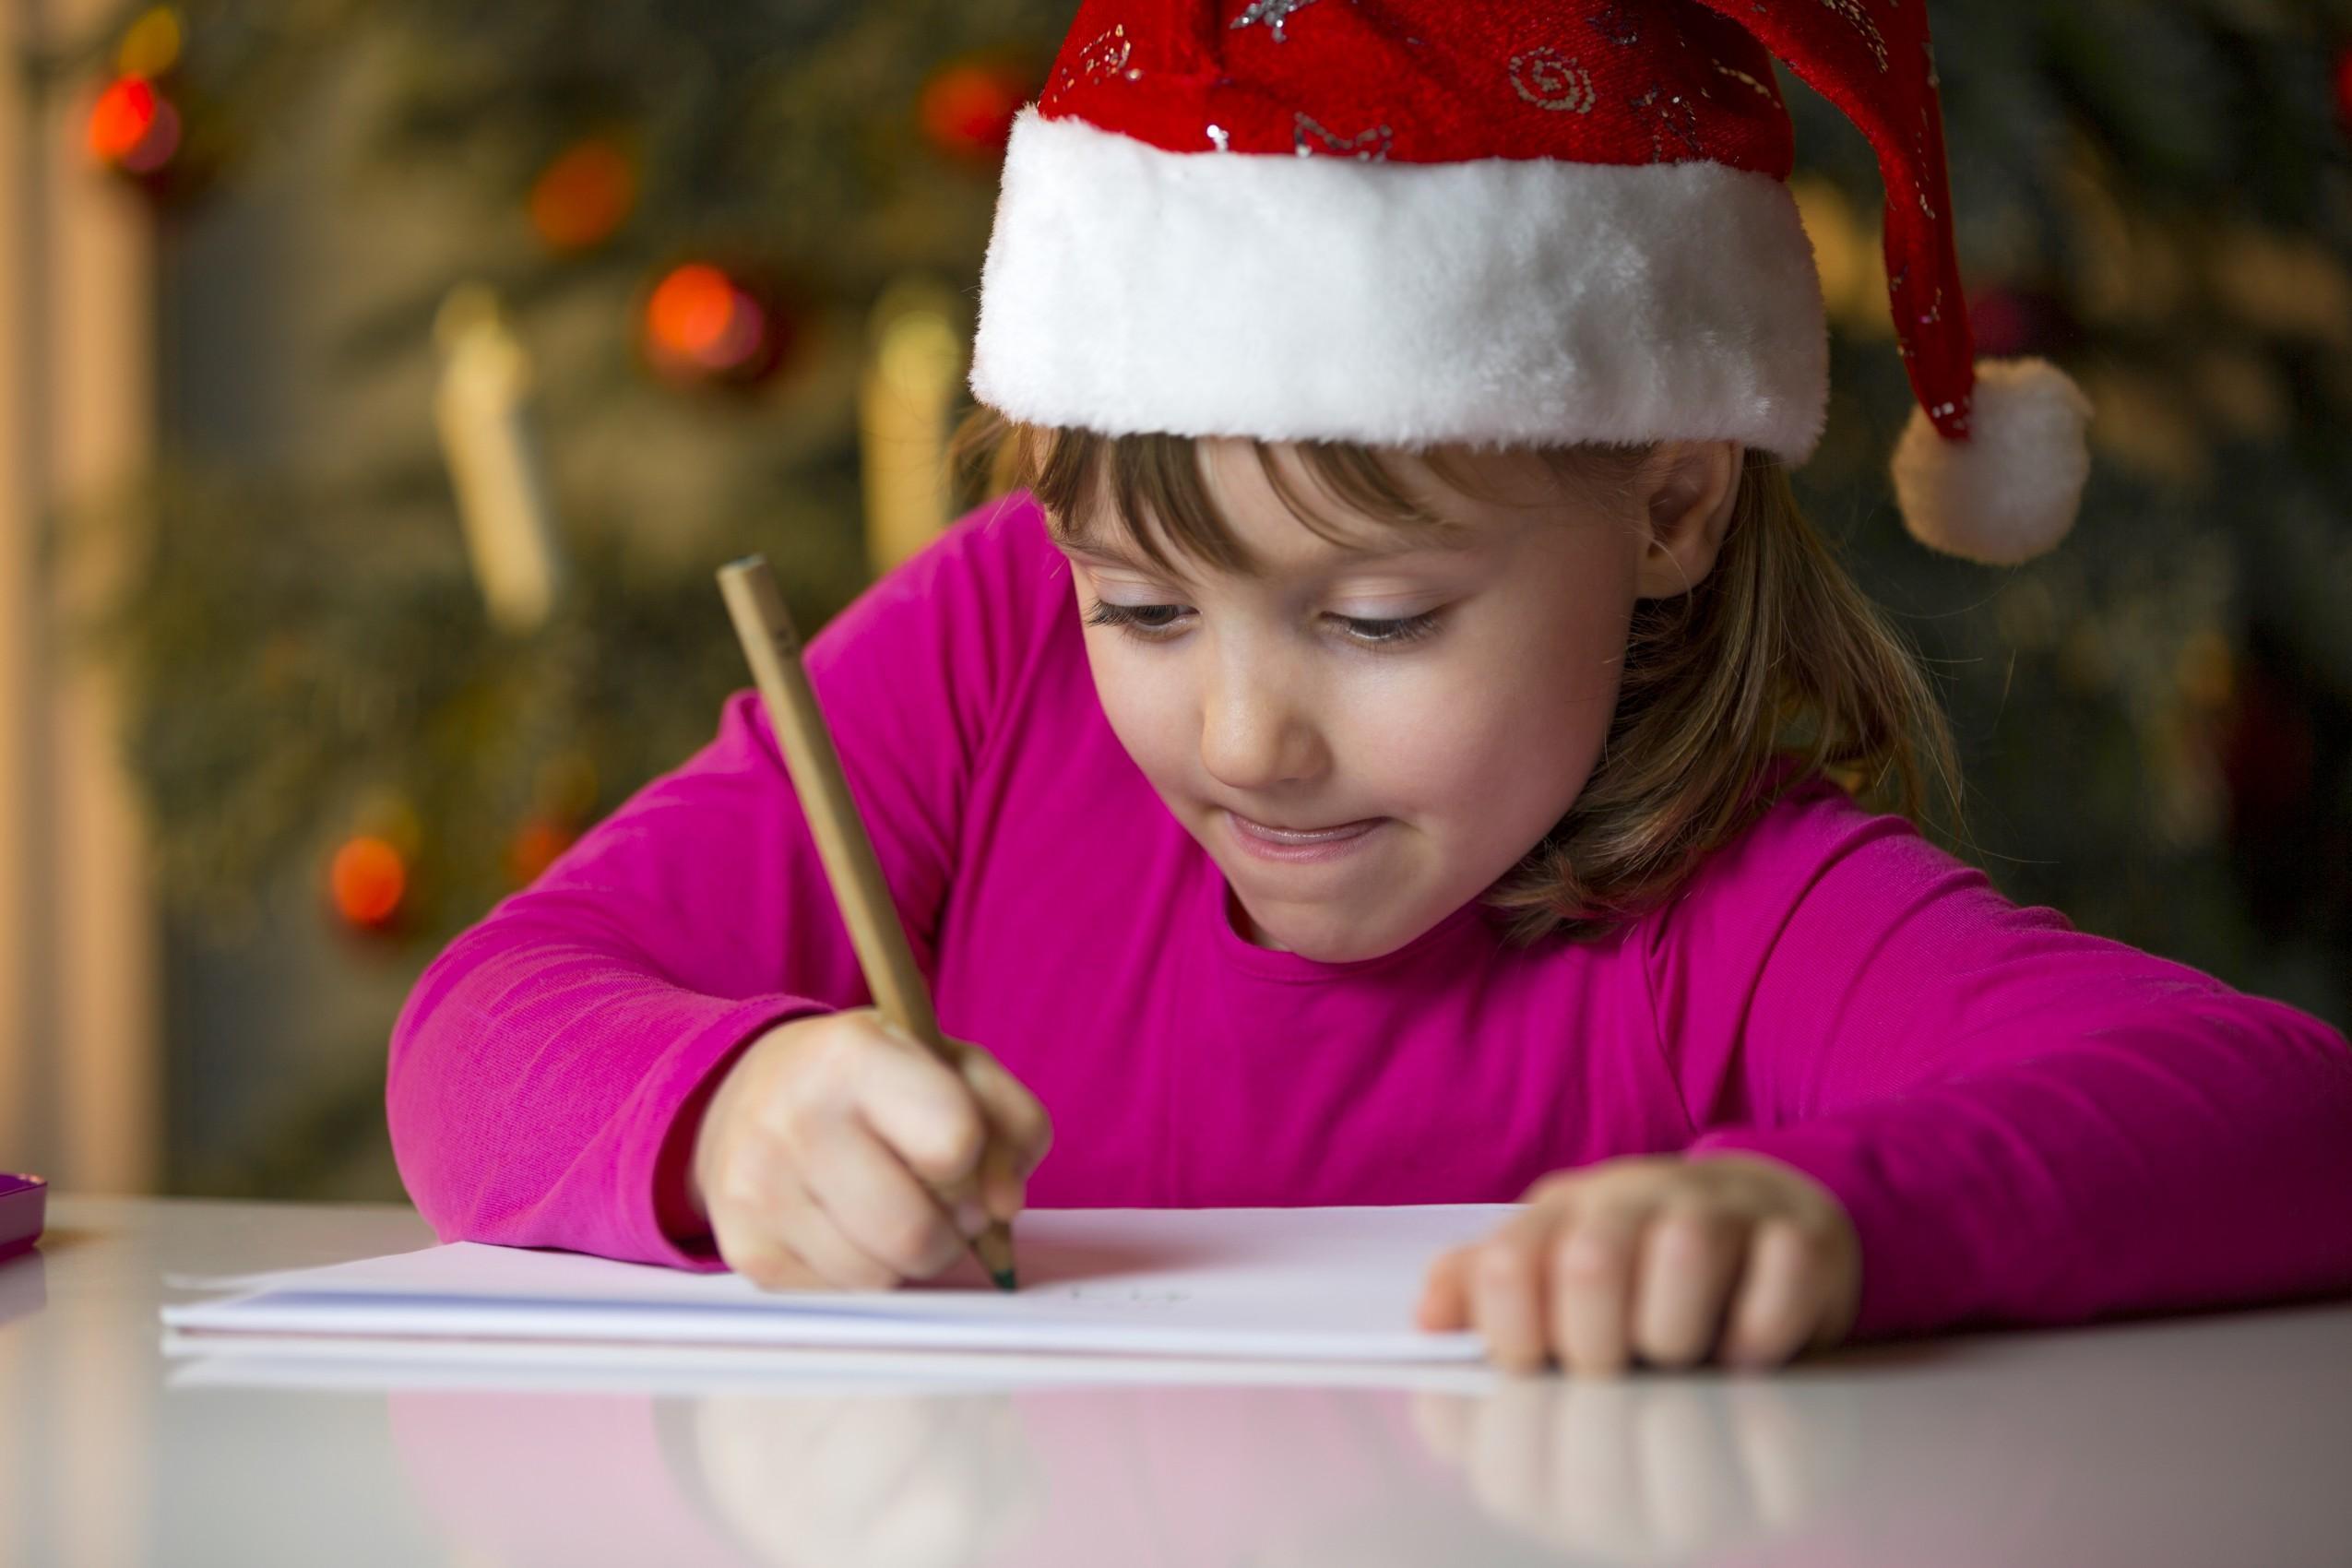 Nieuwjaarsbrief En Versjes Voor Op Nieuwjaarsbrieven